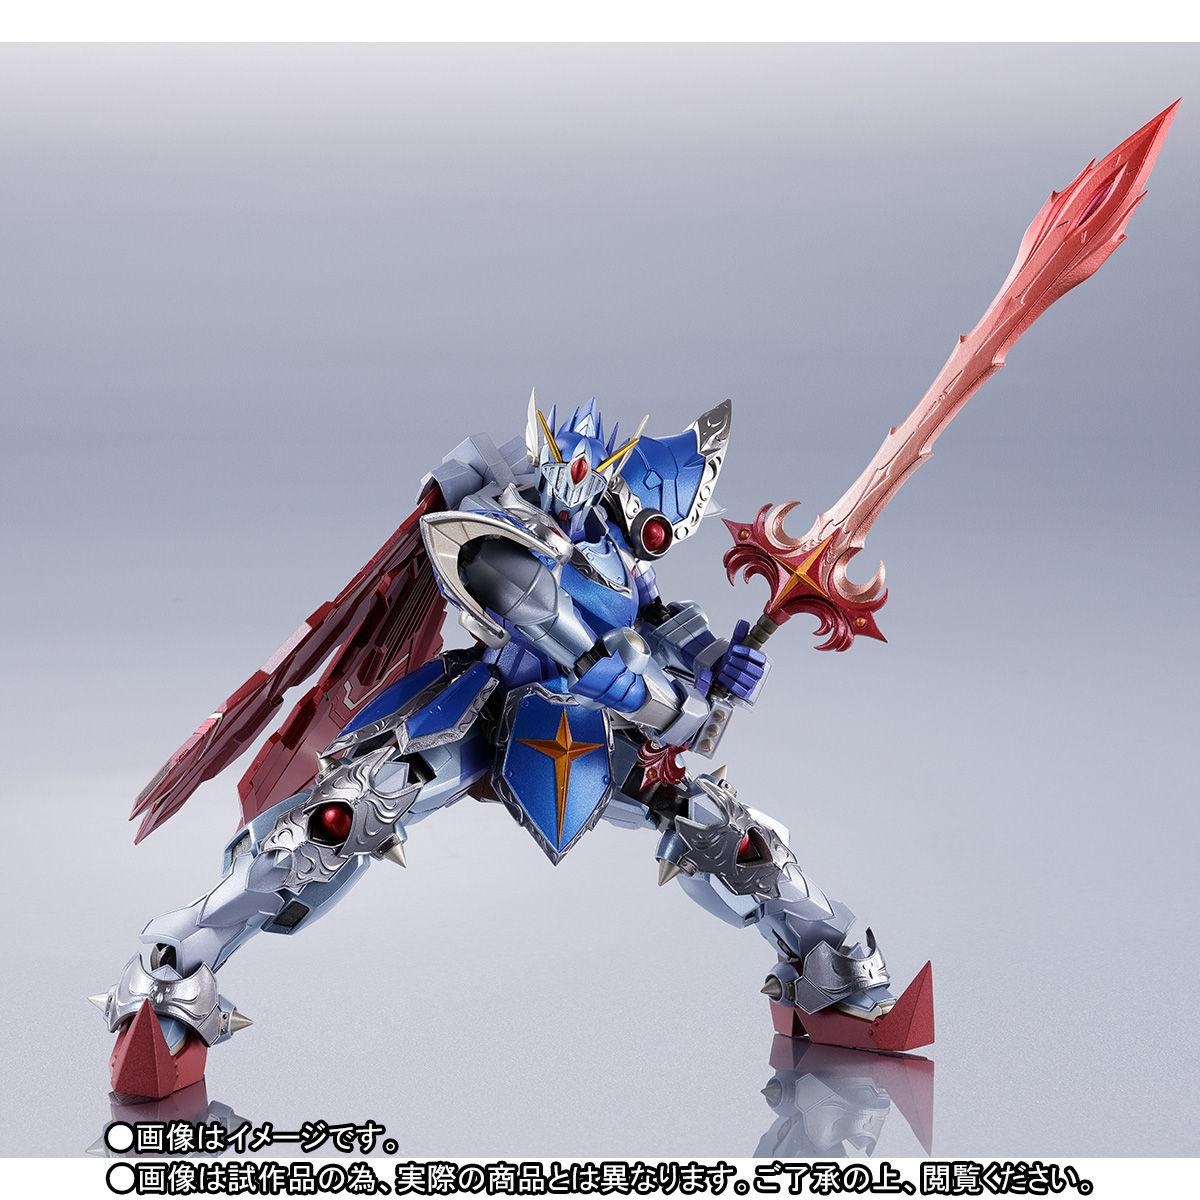 METAL ROBOT魂〈SIDE MS〉『フルアーマー騎士ガンダム(リアルタイプver.)|SDガンダム外伝』可動フィギュア-007